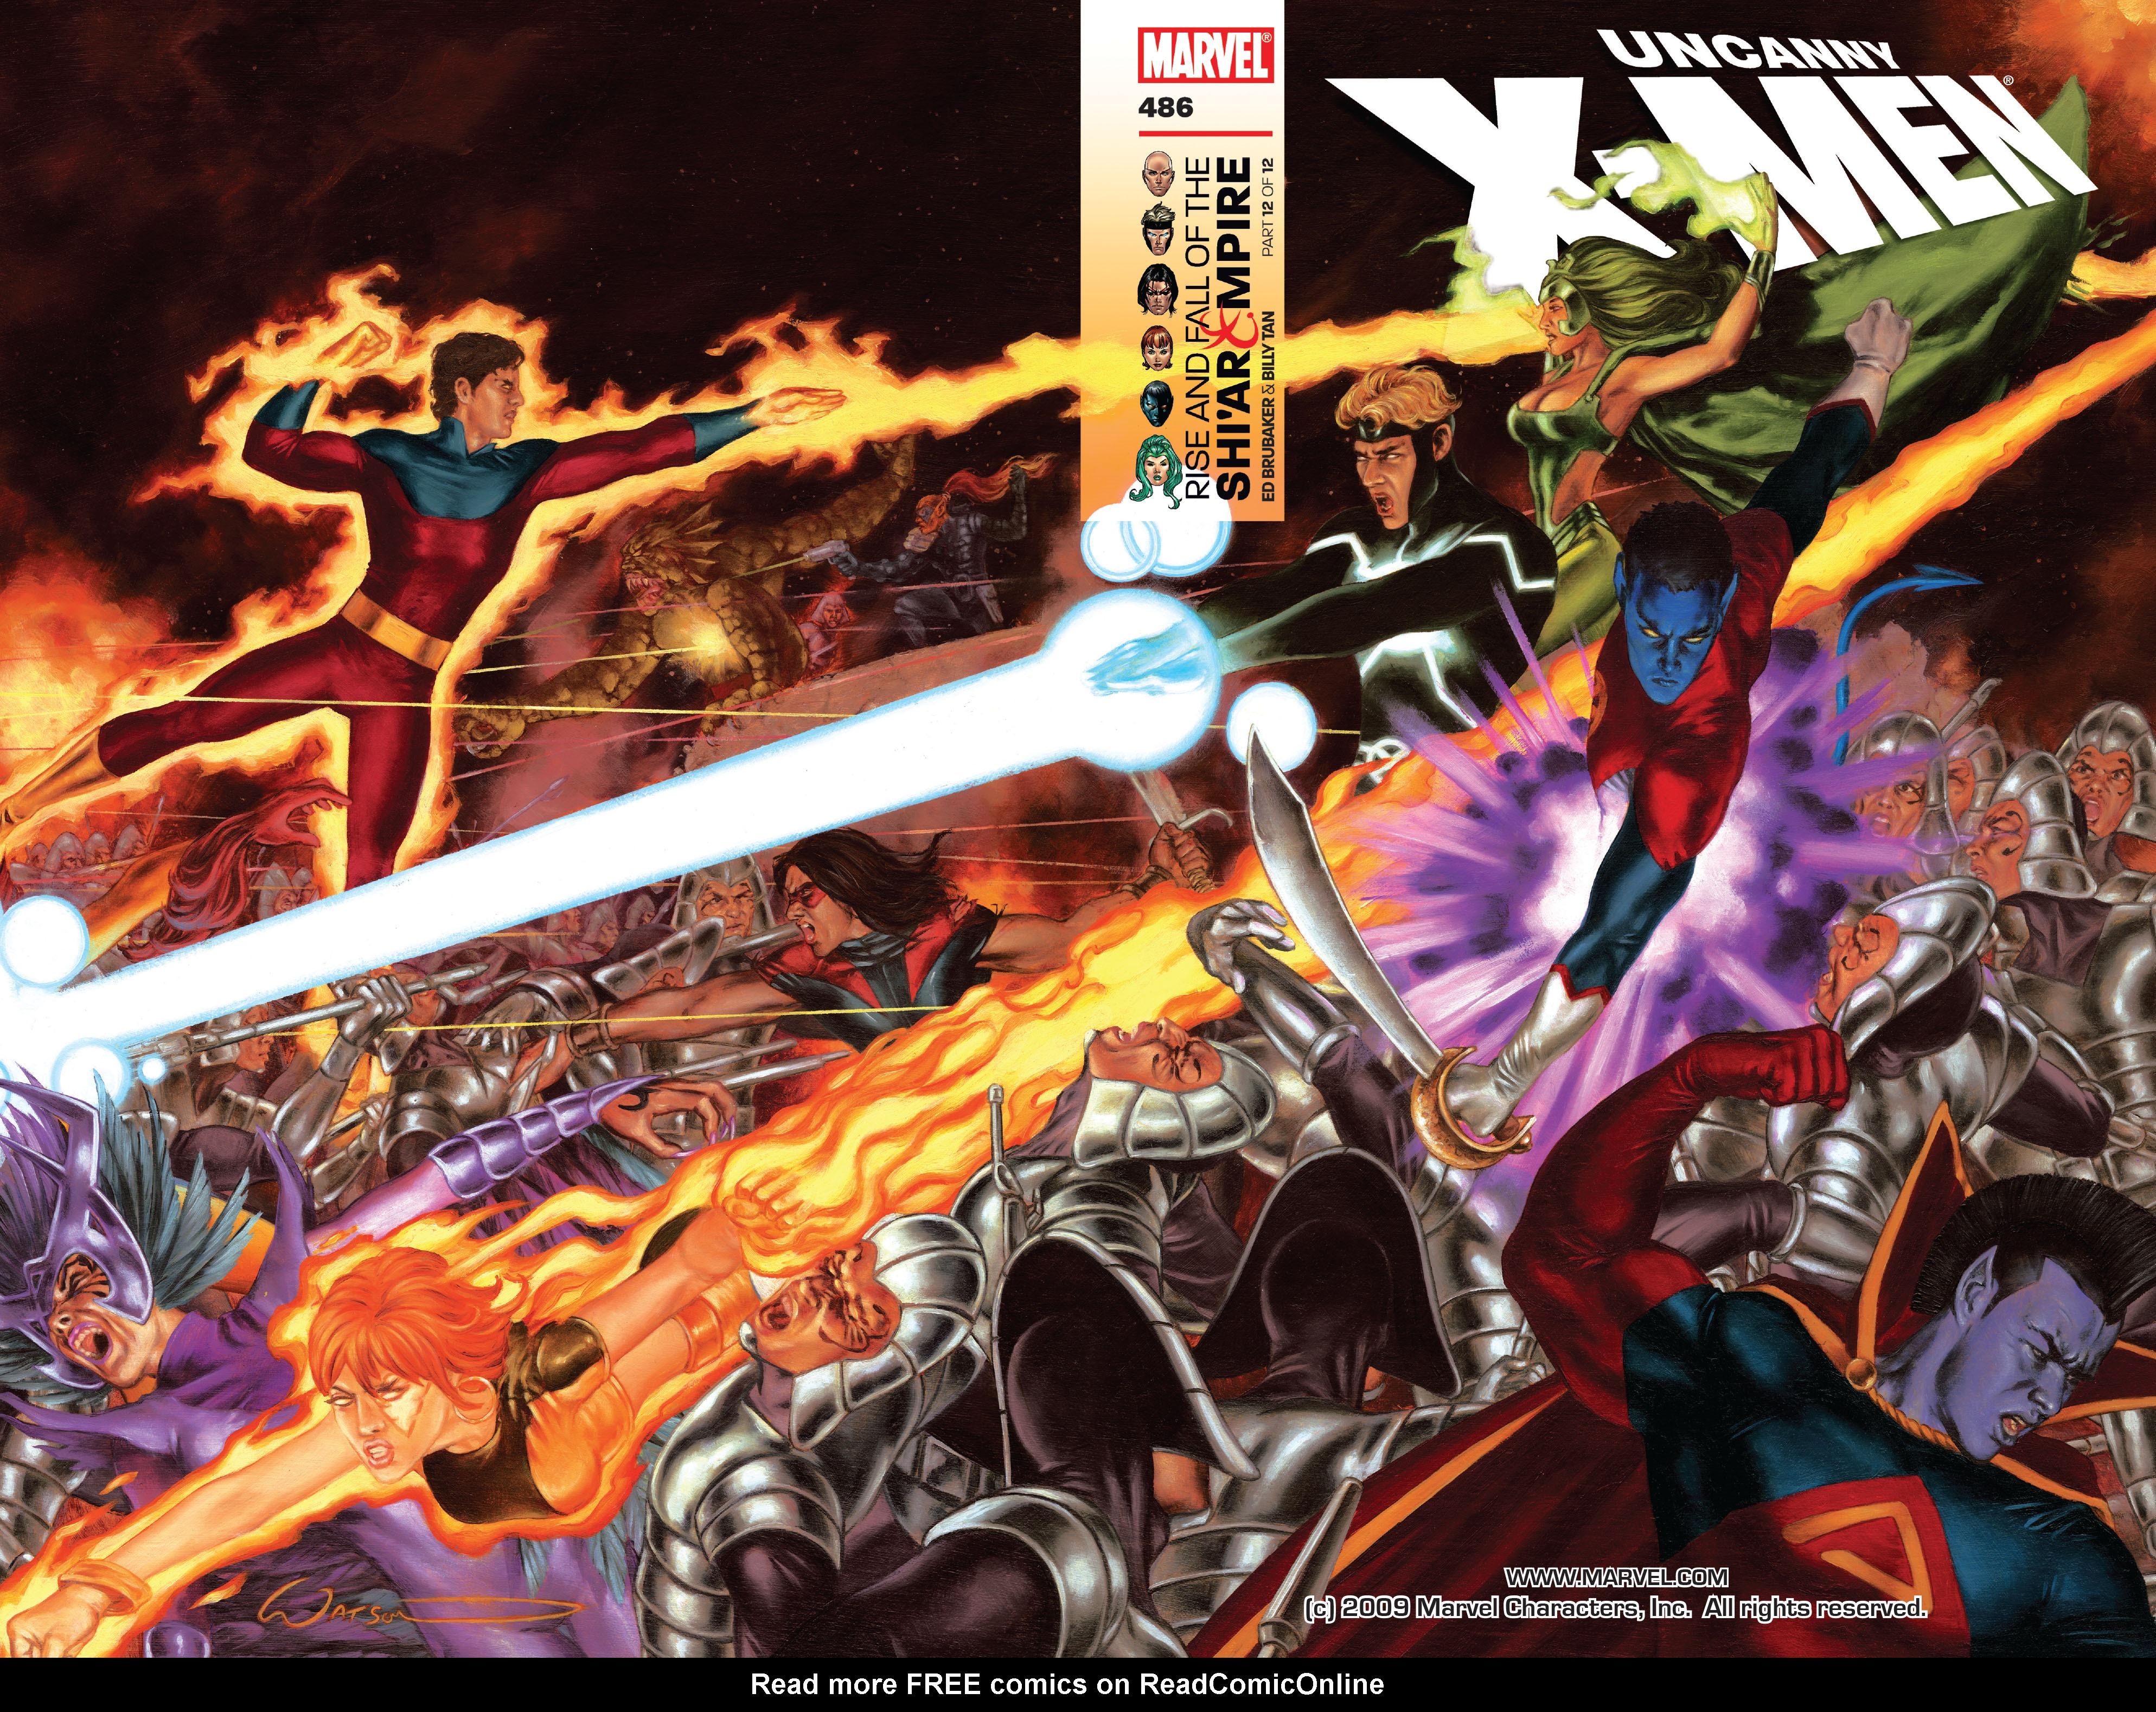 Read online Uncanny X-Men (1963) comic -  Issue #486 - 2